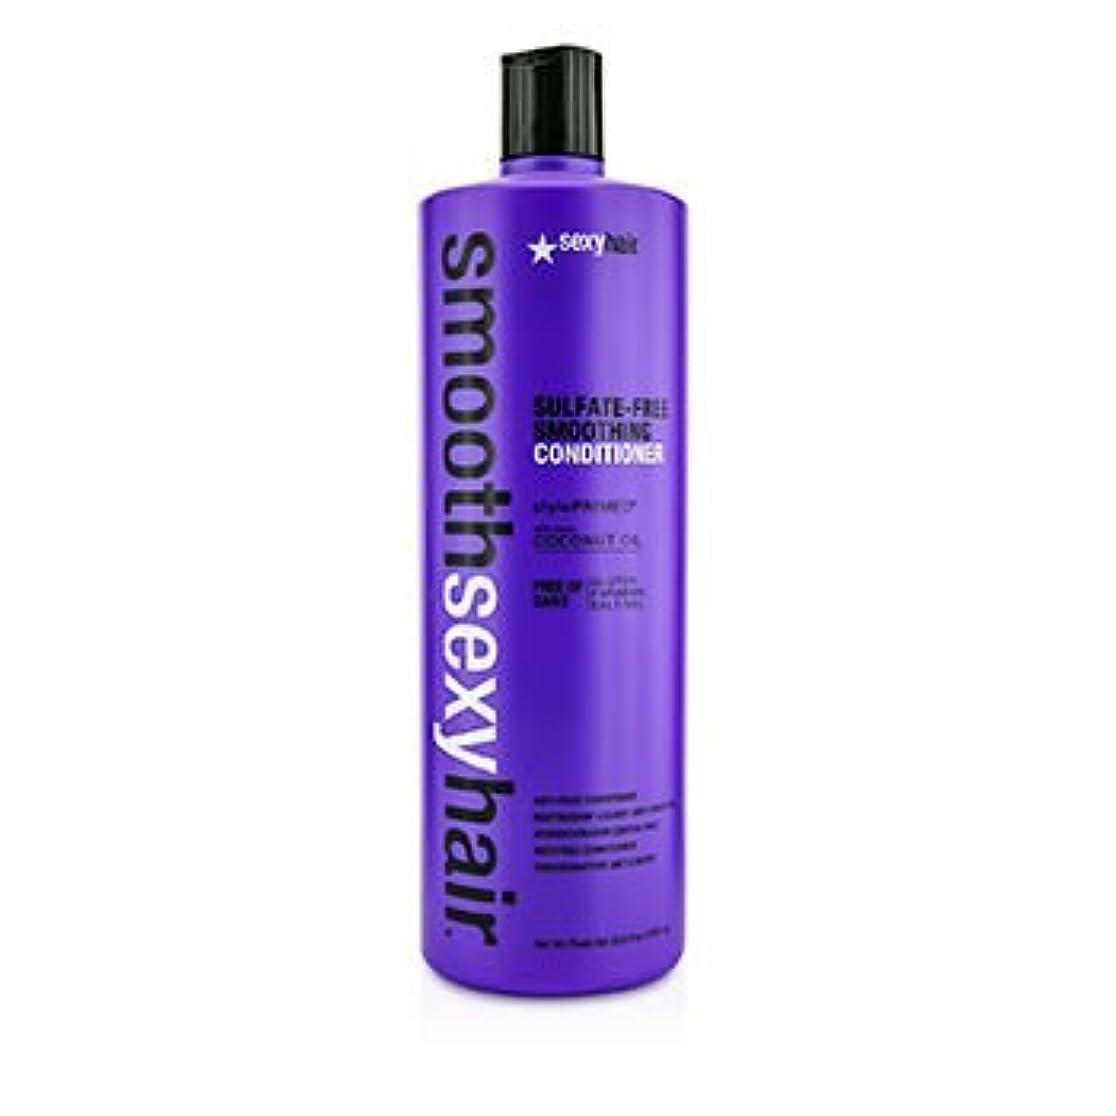 配送マンハッタンチューリップ[Sexy Hair Concepts] Smooth Sexy Hair Sulfate-Free Smoothing Conditioner (Anti-Frizz) 1000ml/33.8oz